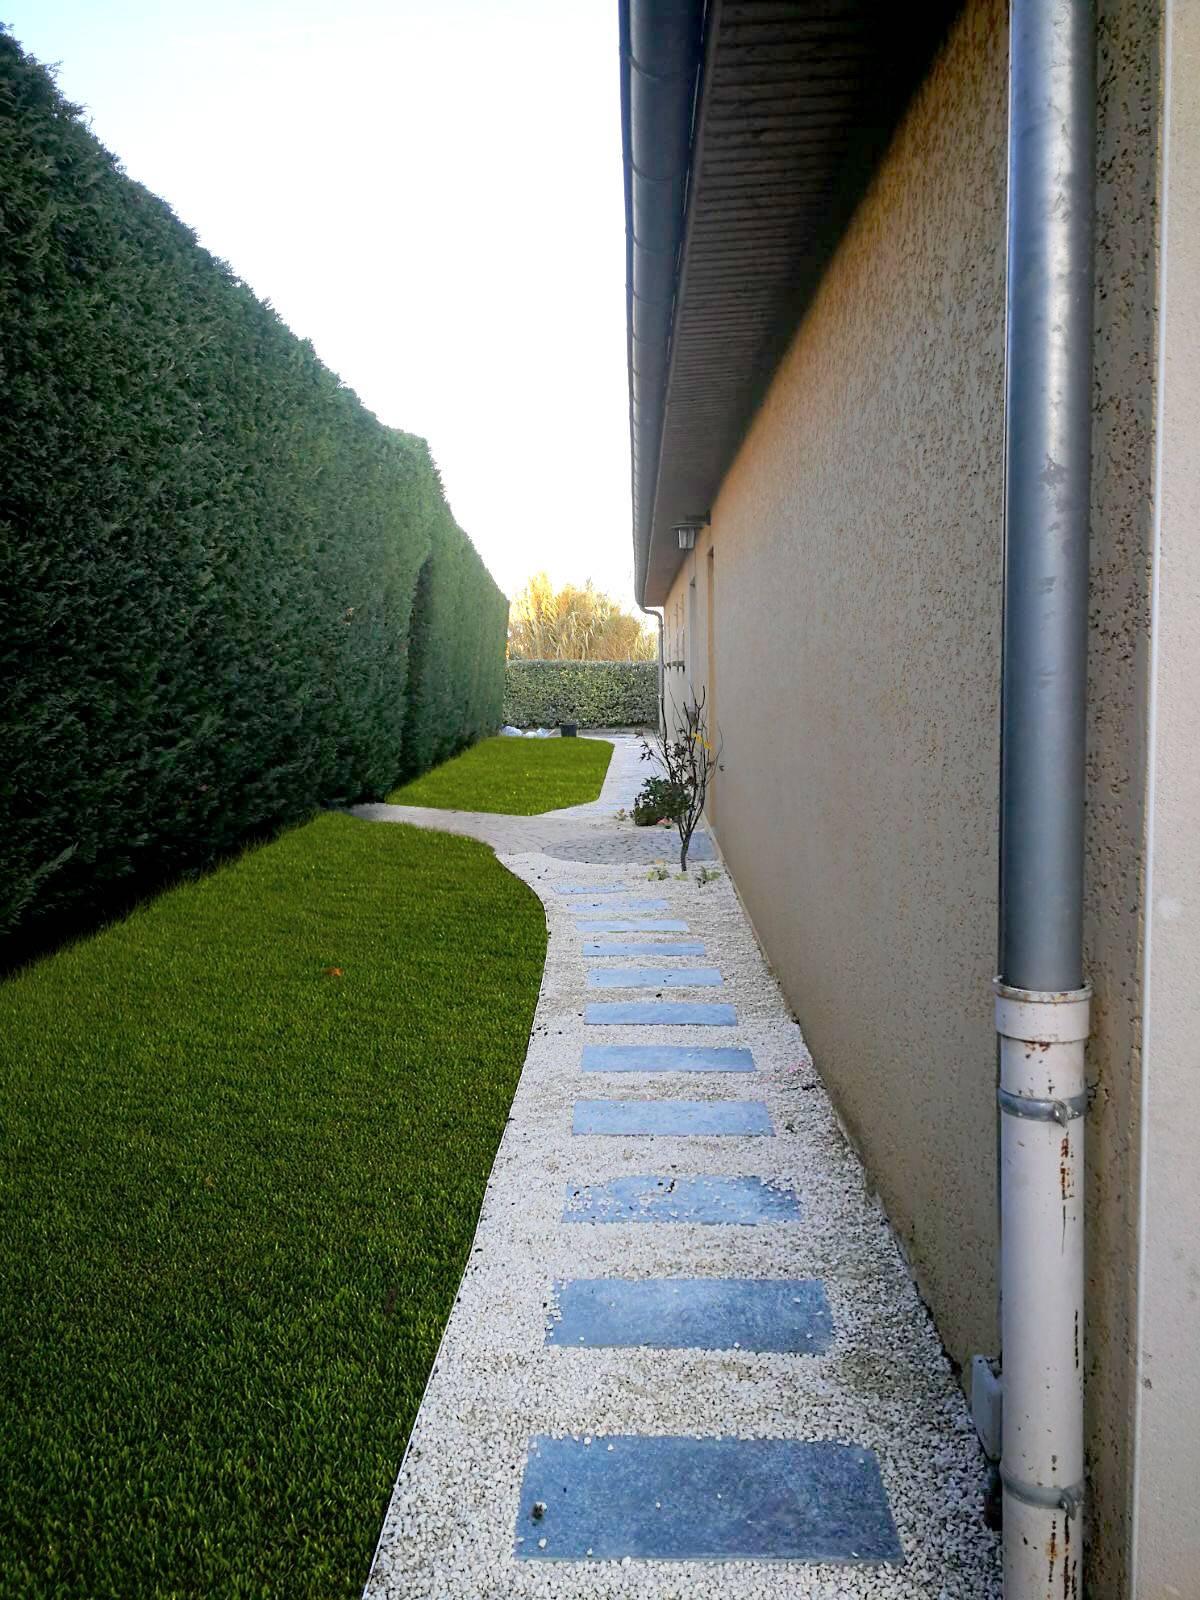 création ou rénovation d'allées, chemin, passage avec terrassement à